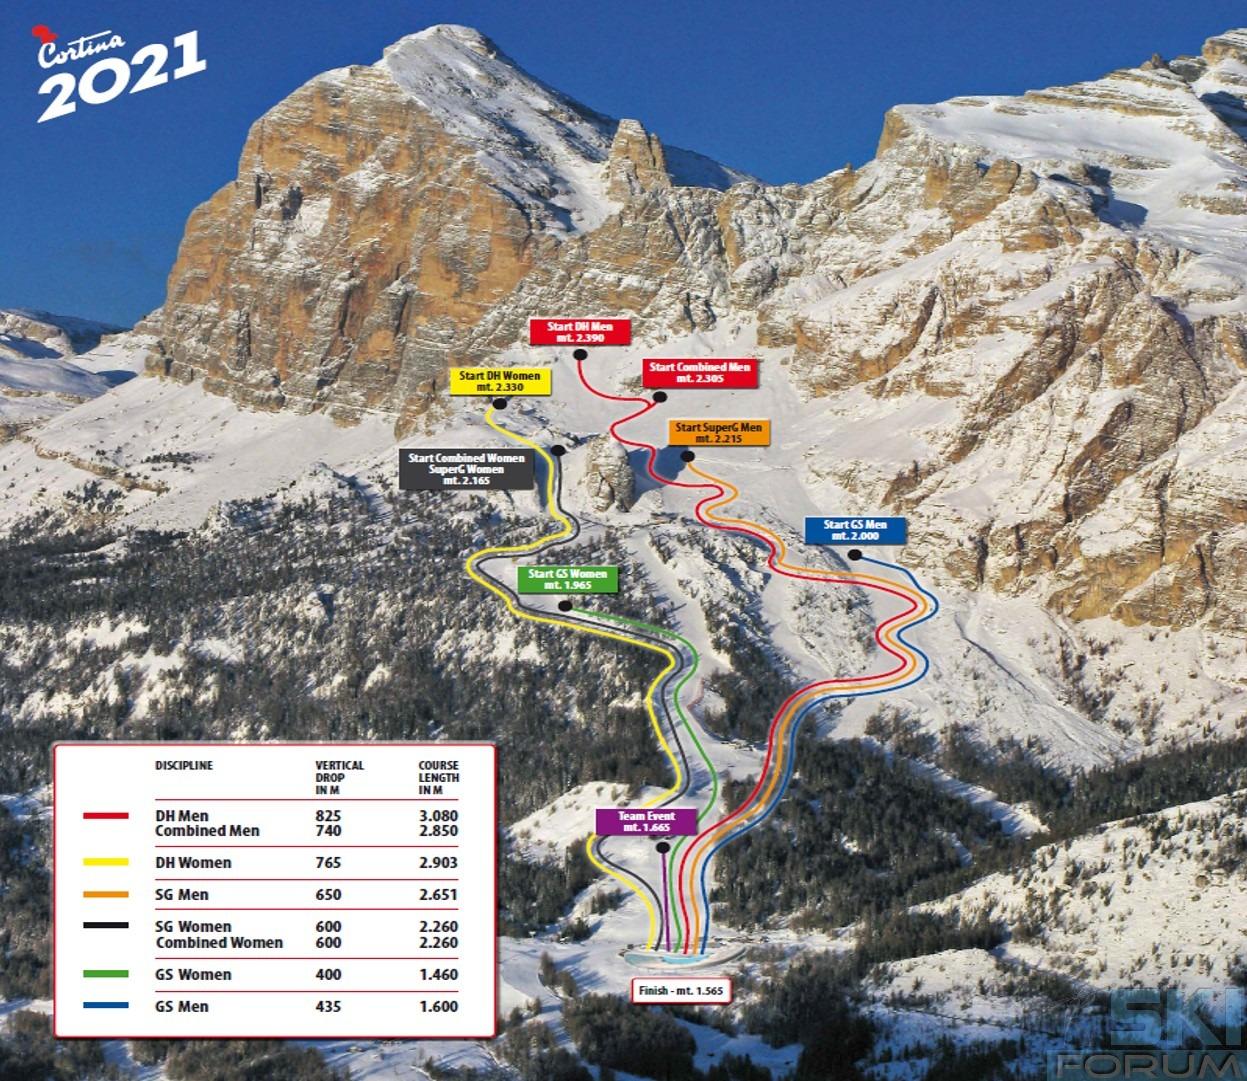 Piste dei Mondiali di Cortina d'Ampezzo 2021